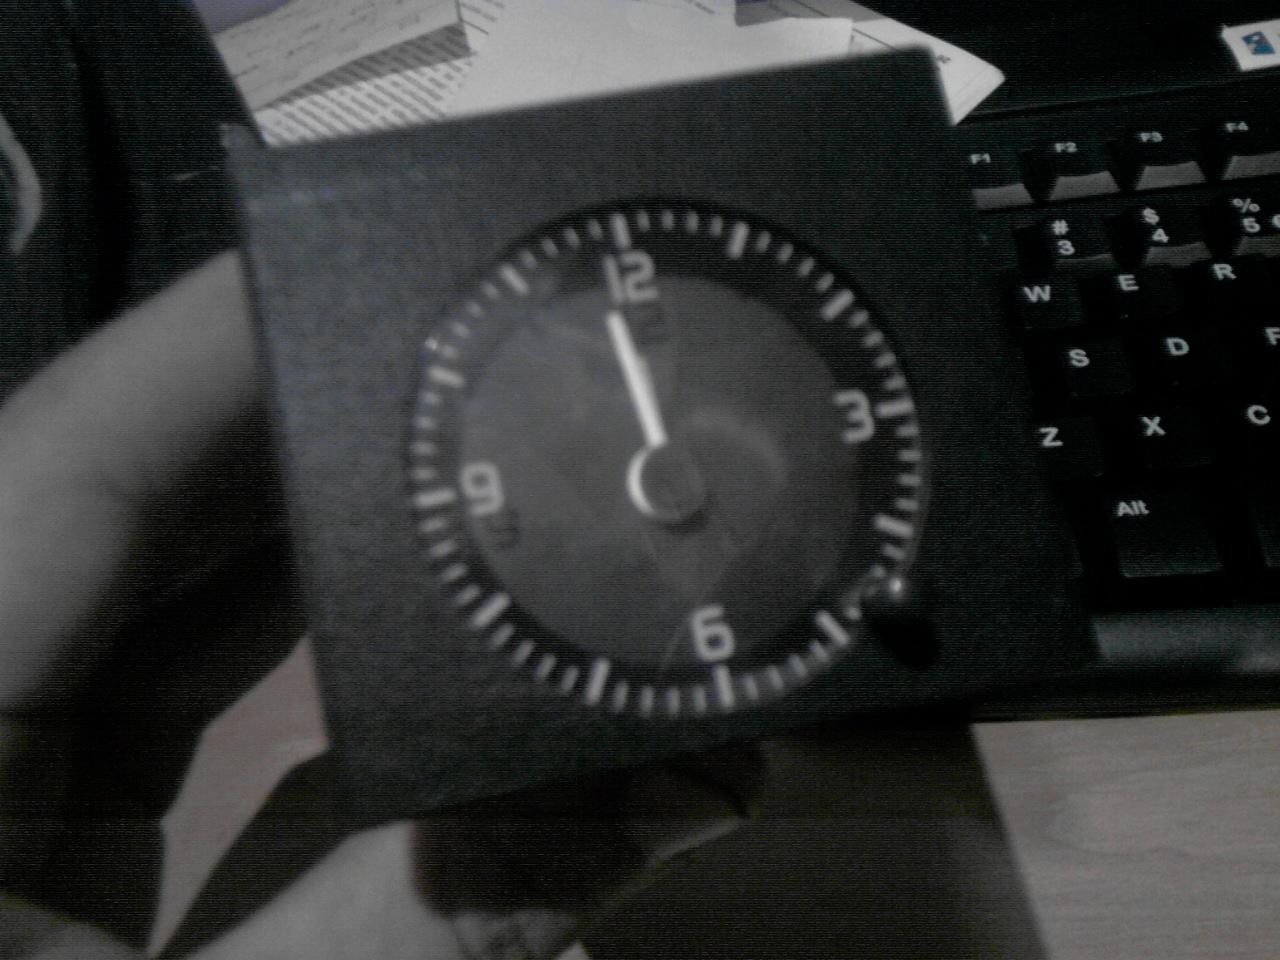 Zegarek godzinowy renault laguna clio